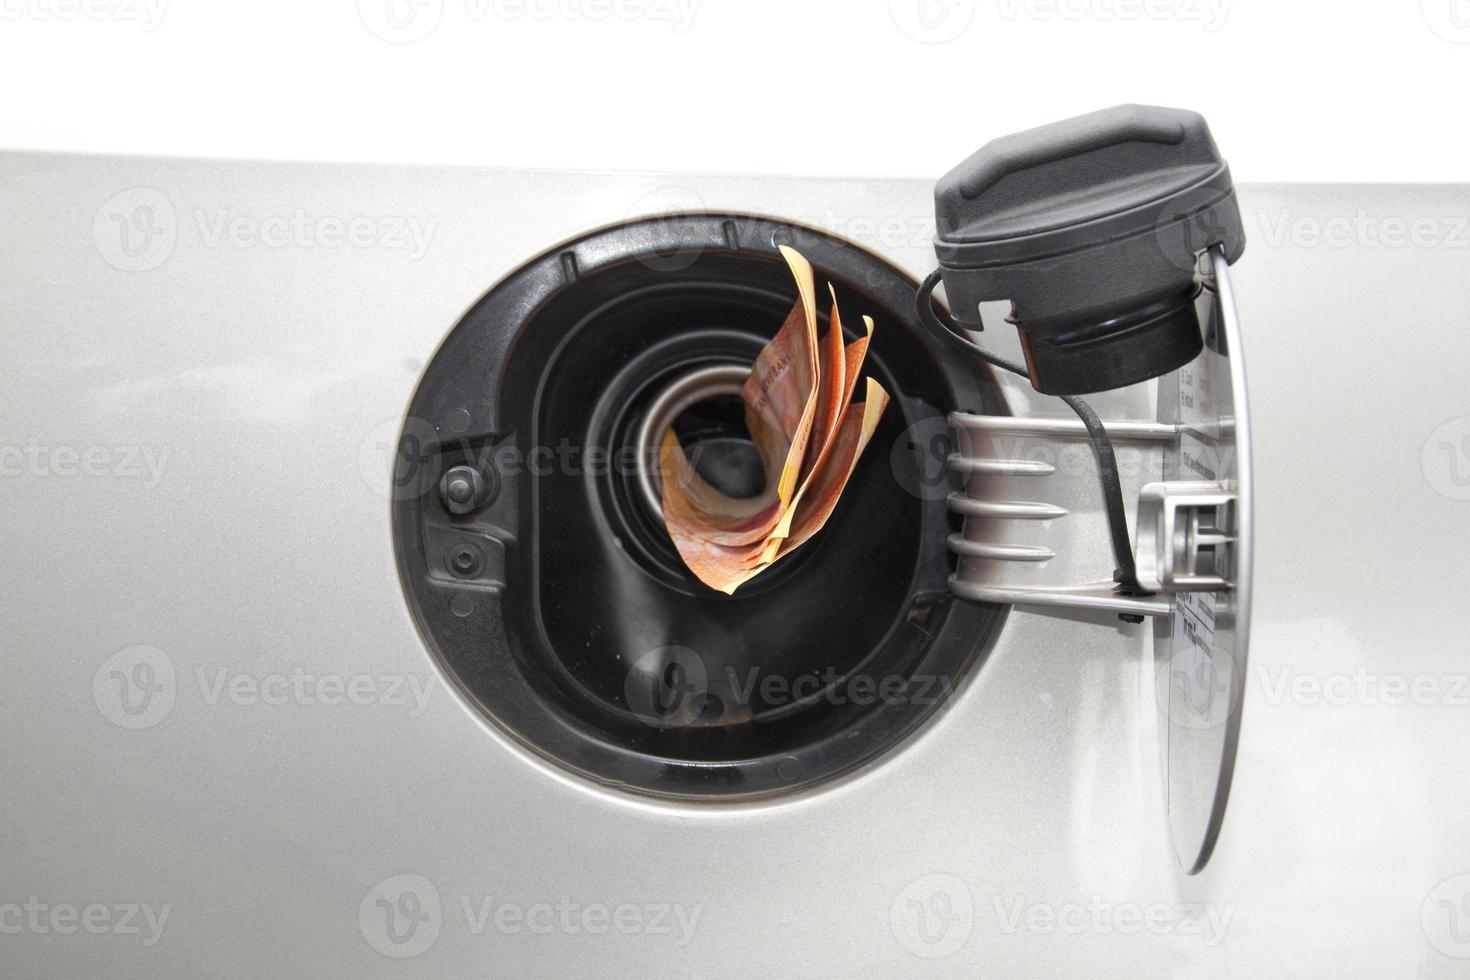 koncept sedlar som matar in bensinpåfyllningsröret foto